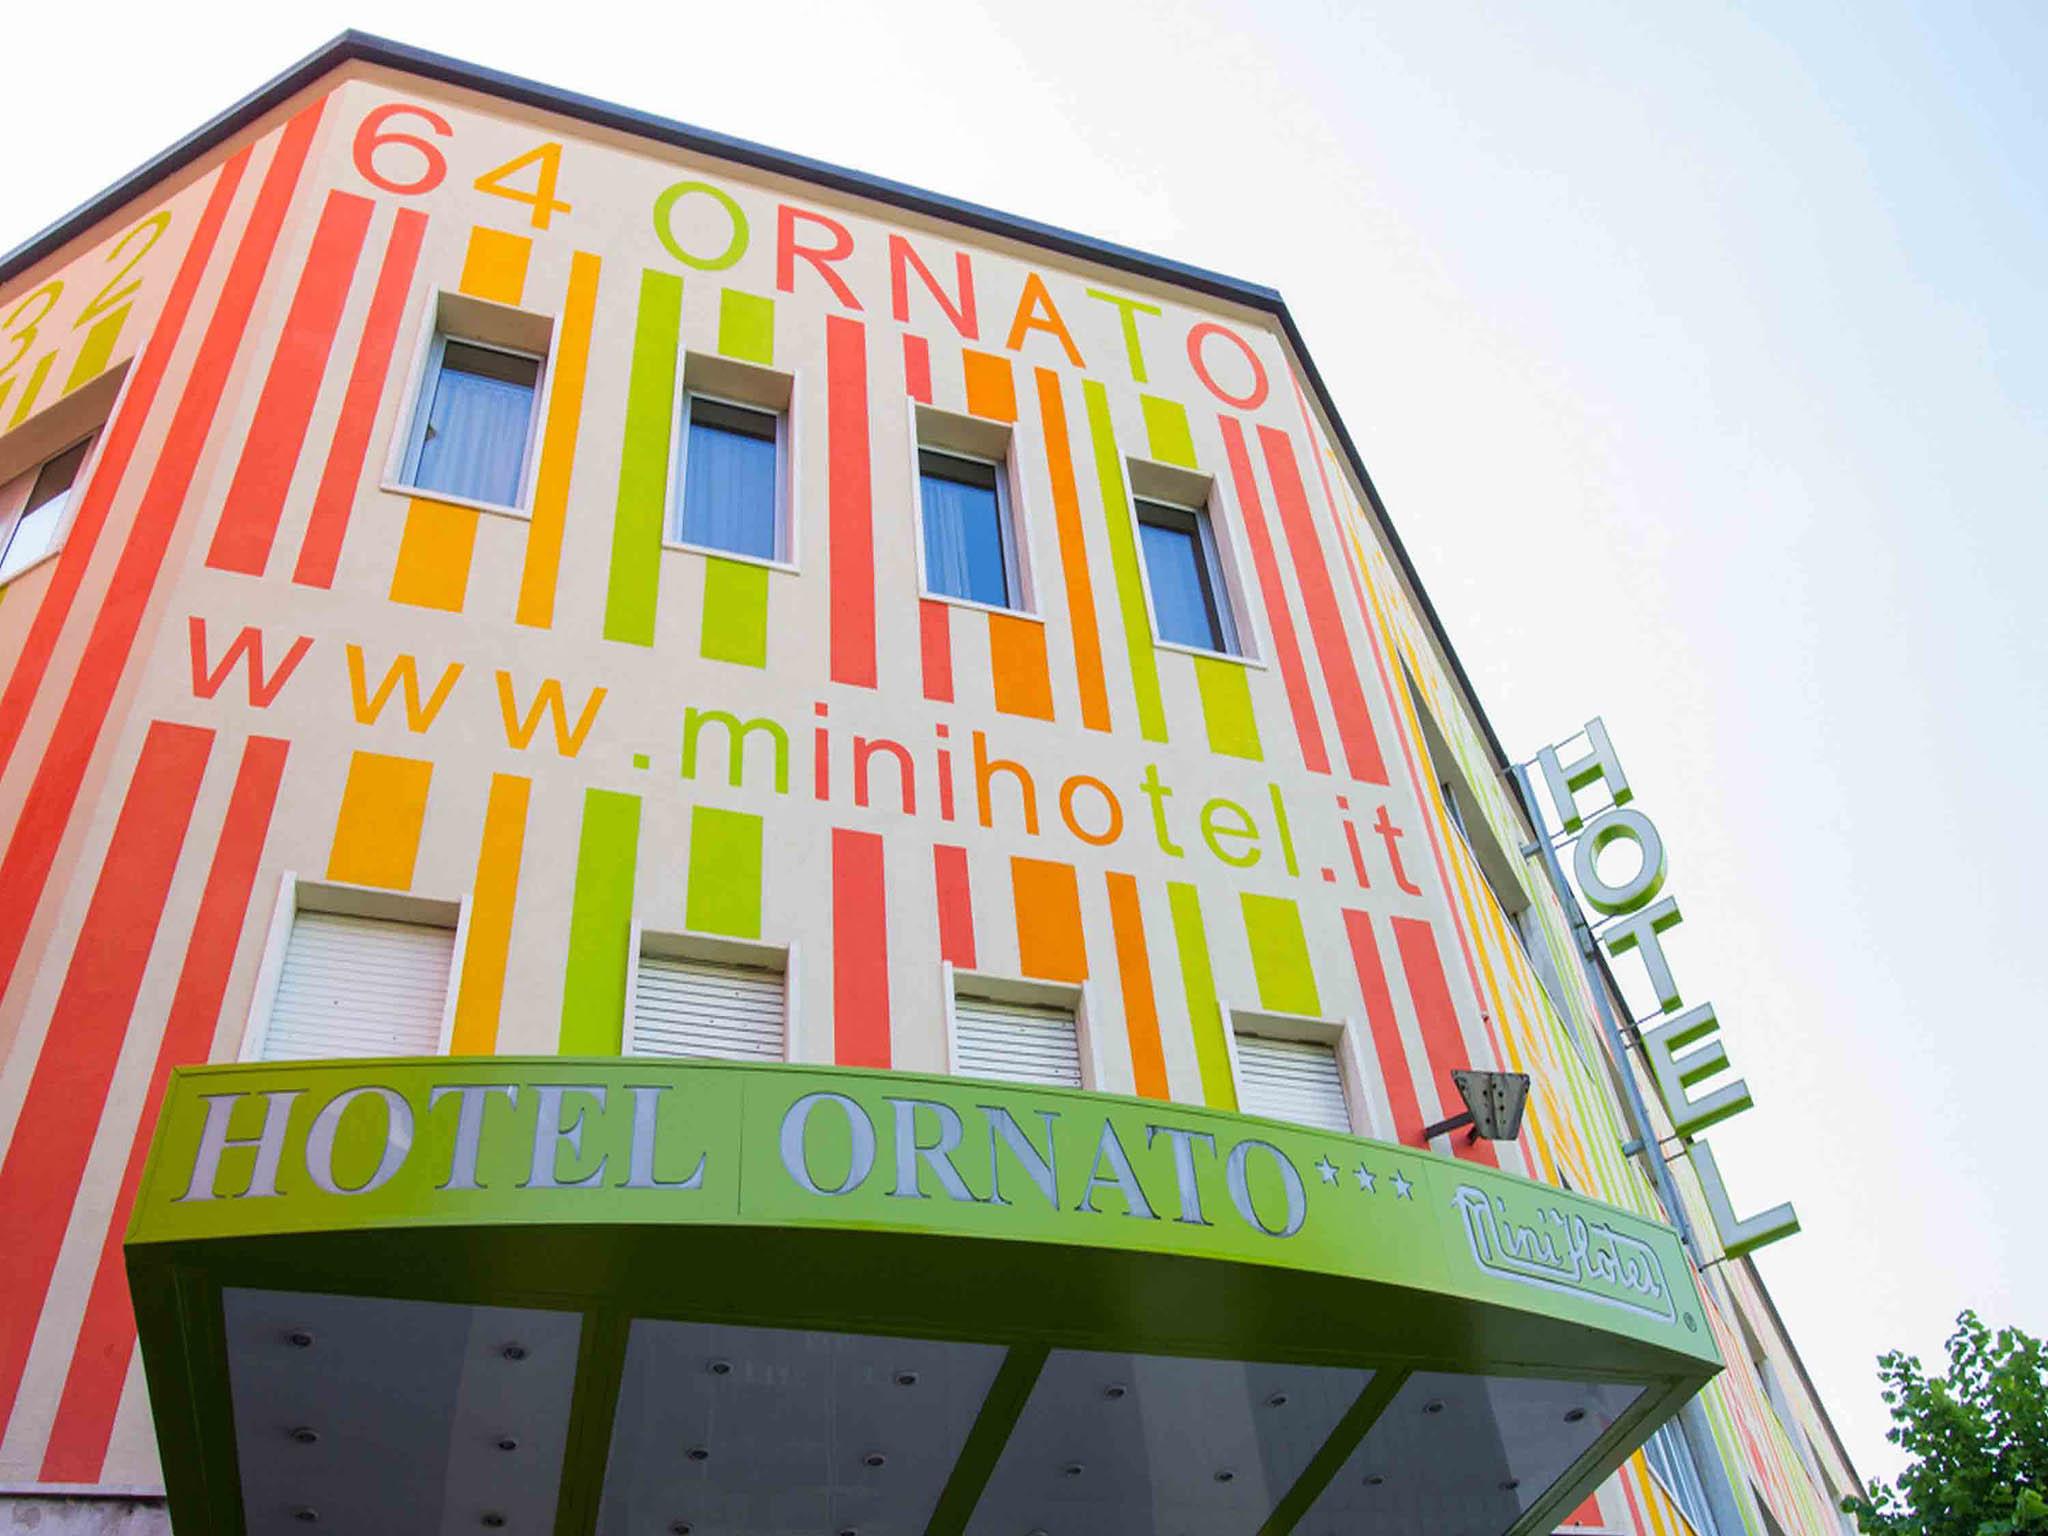 Hotel Ornato Gruppo Mini Hotel Hotel In Milan Hotel Ornato Gruppo Minihotel